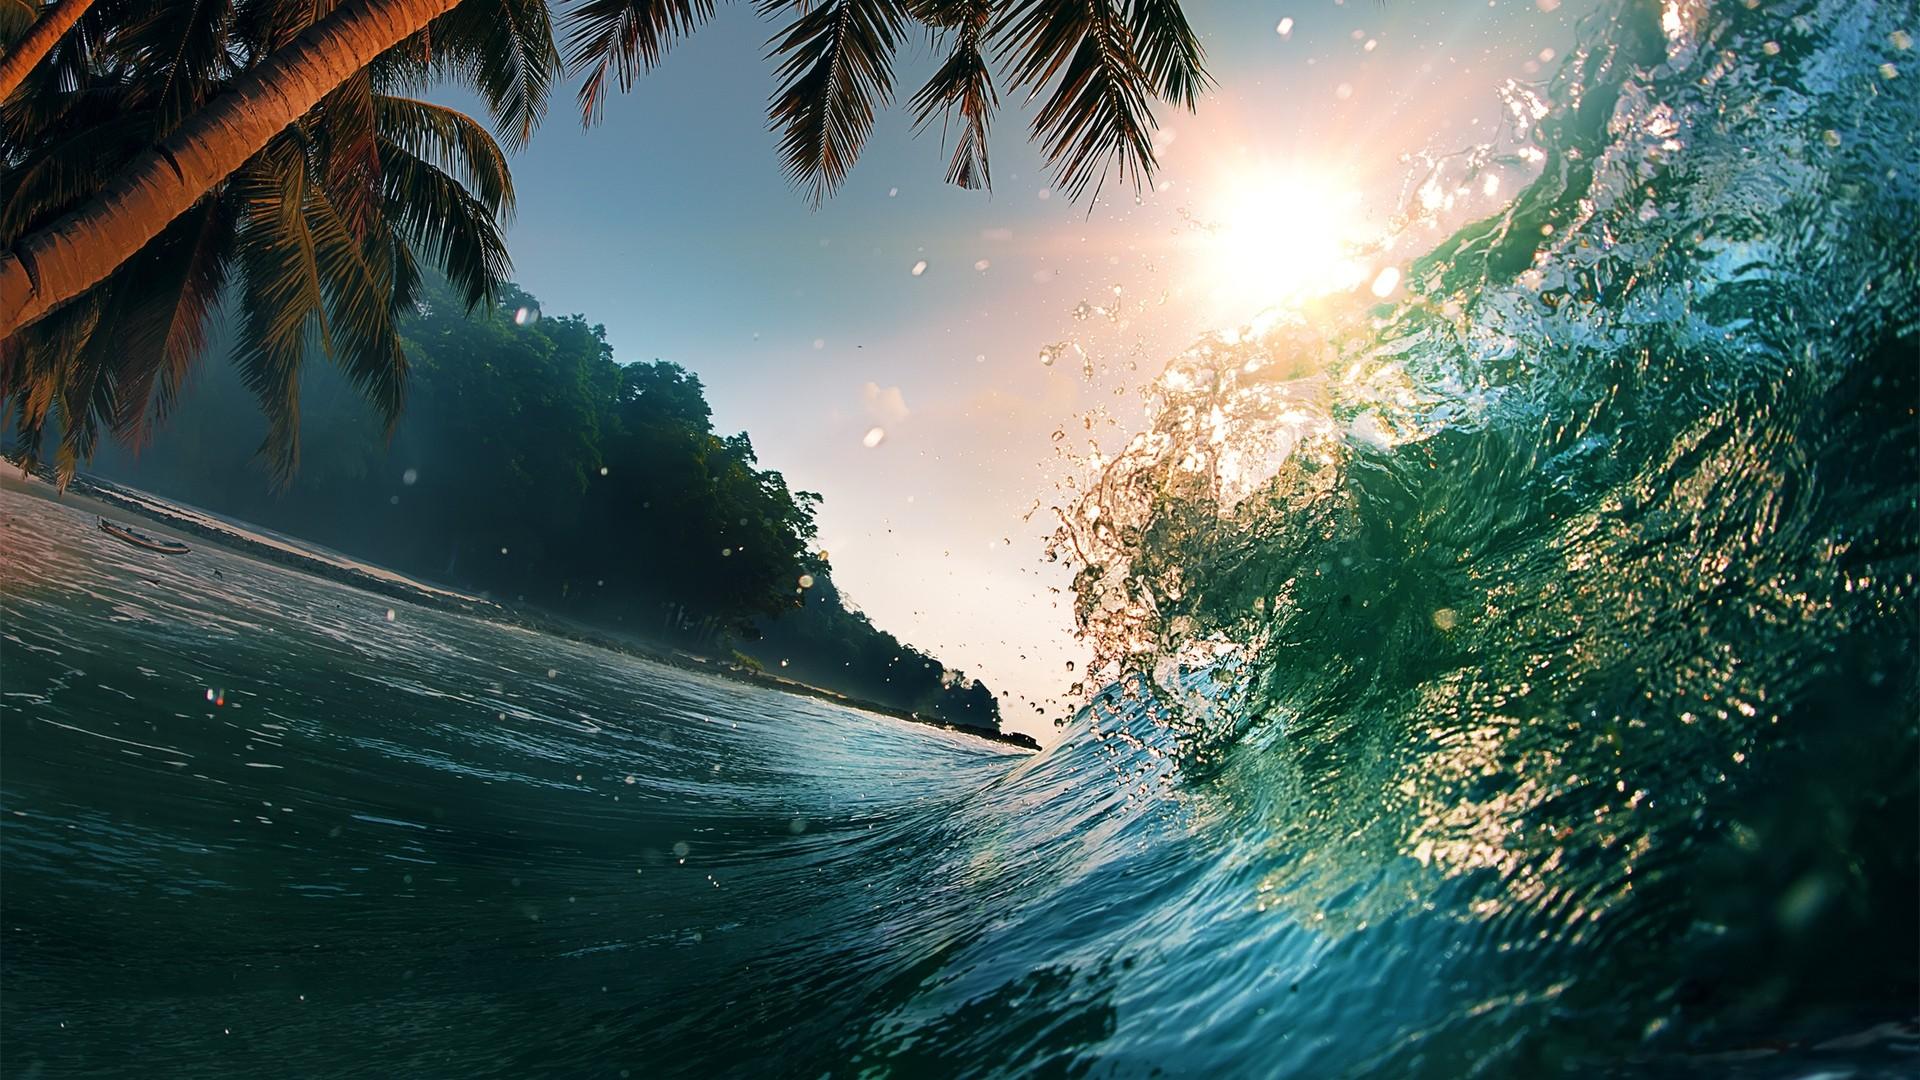 Ocean Nature PC Wallpaper